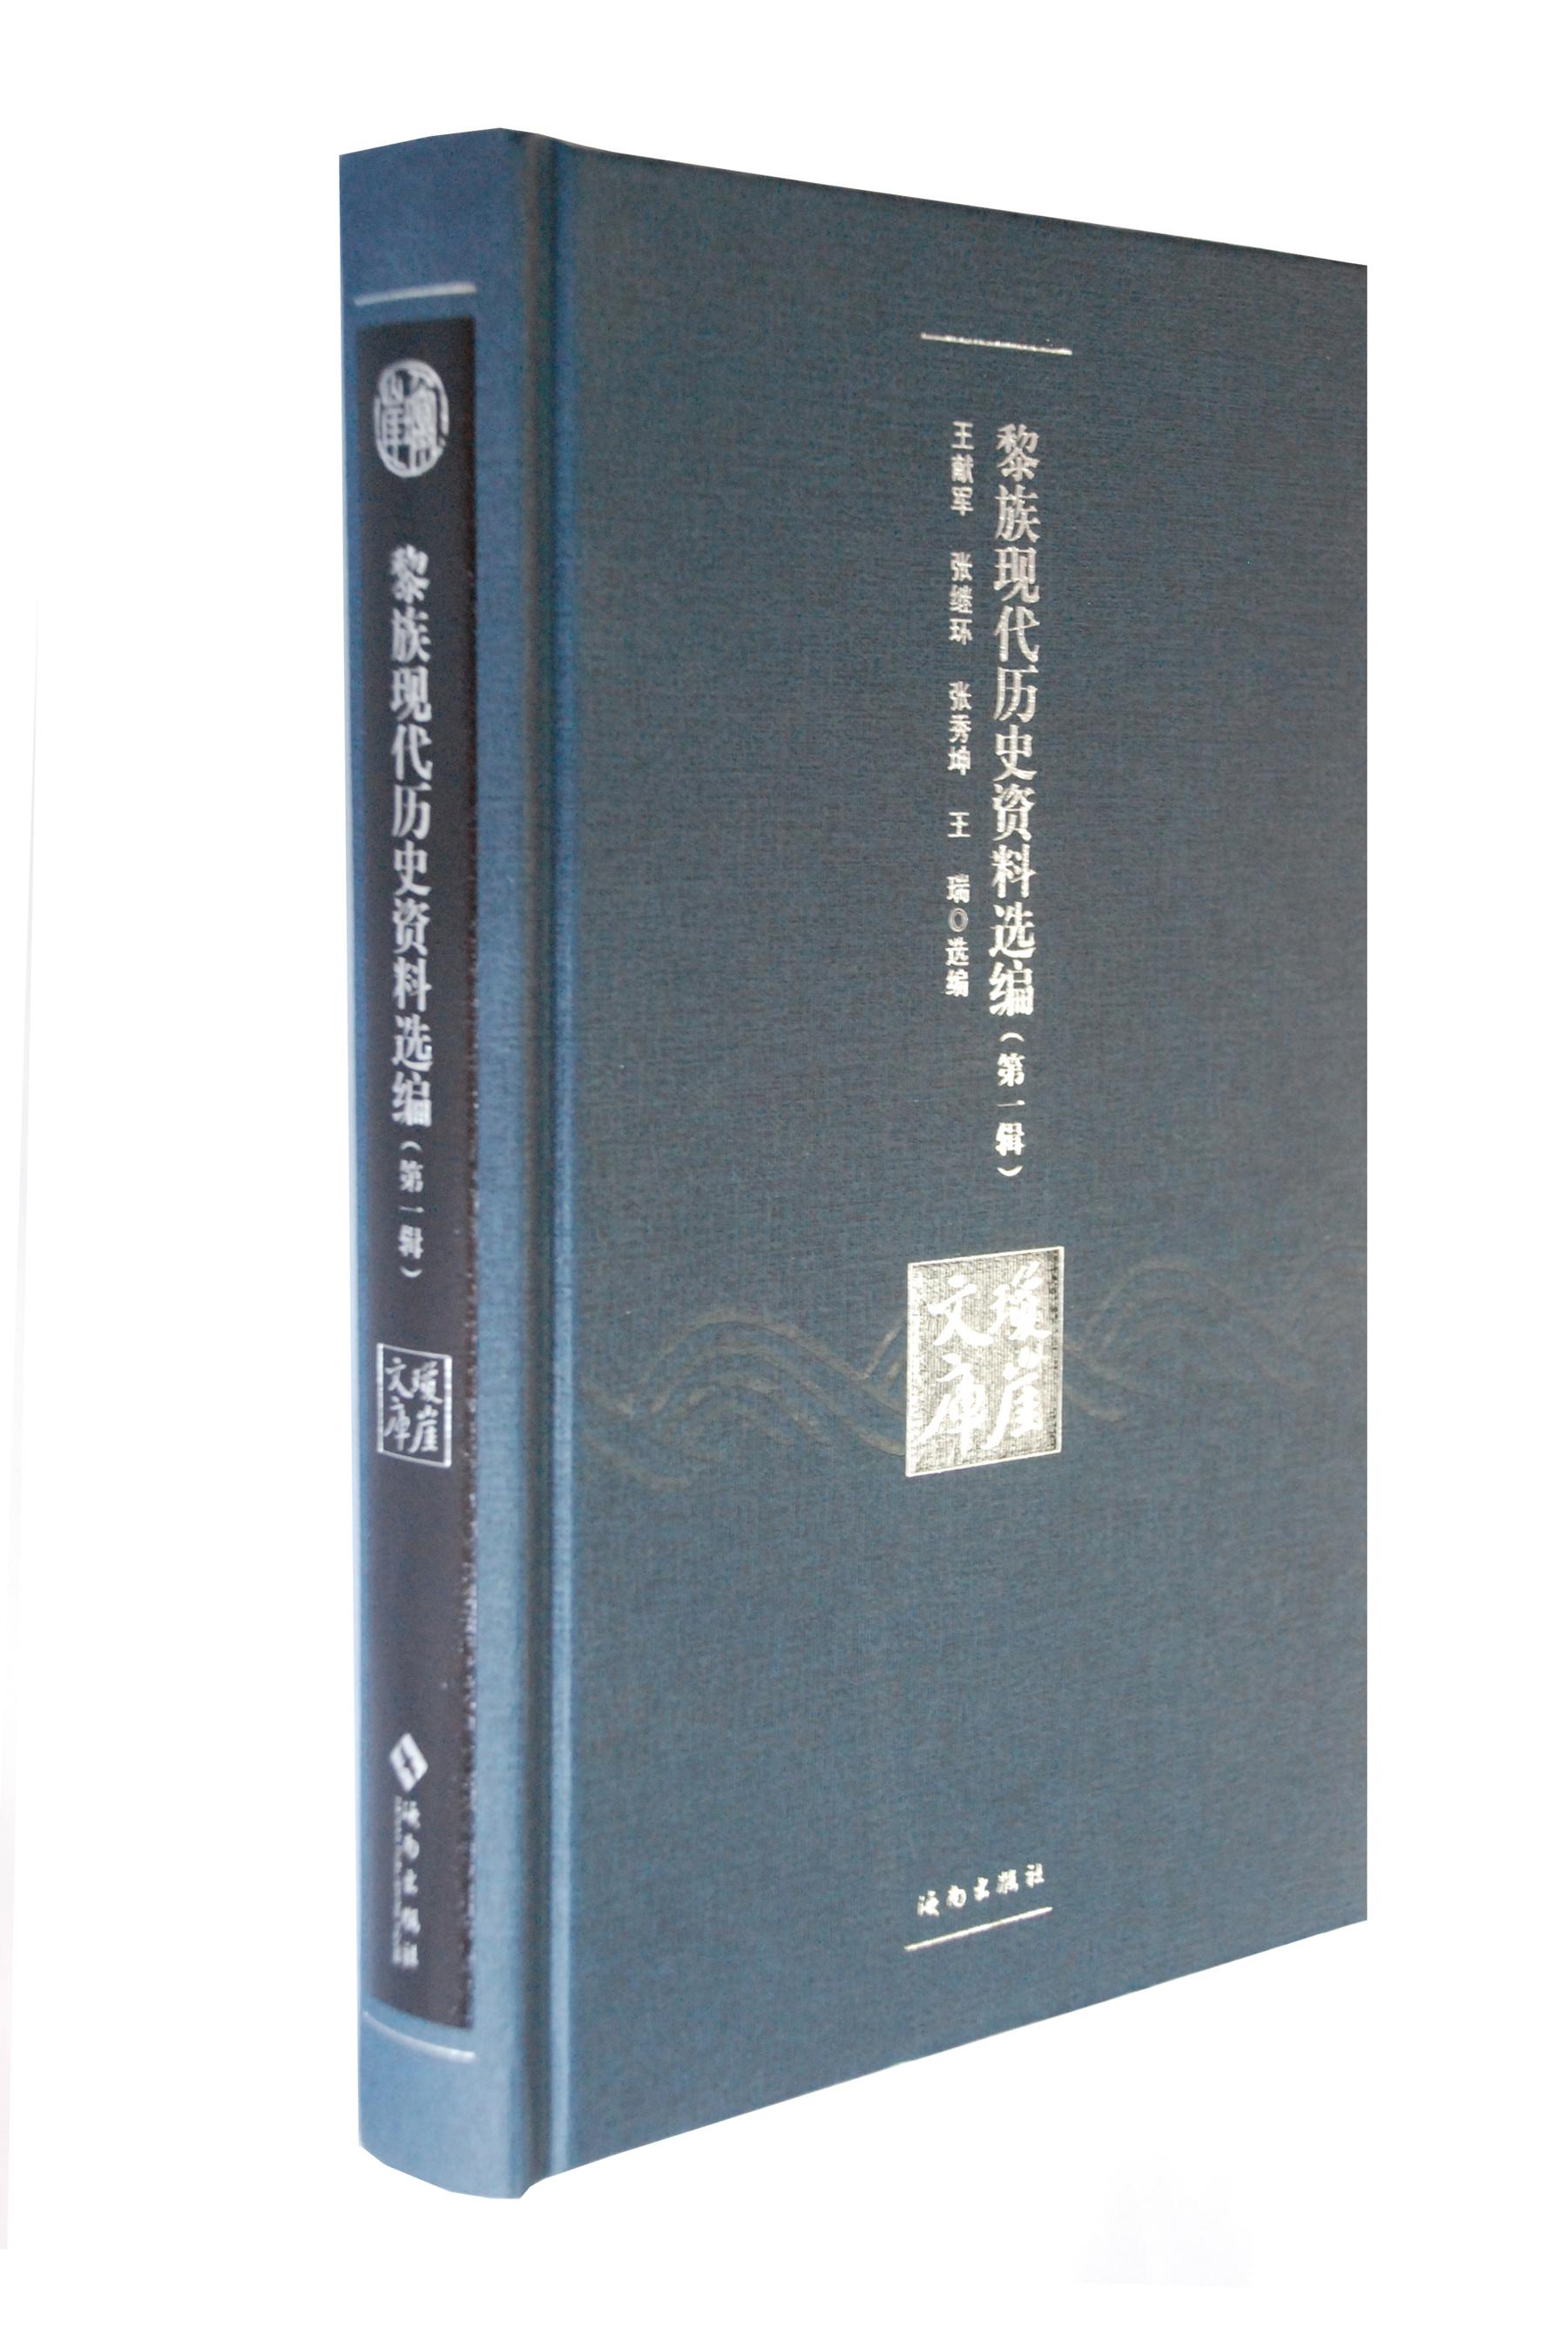 黎族现代历史资料选编 第一辑